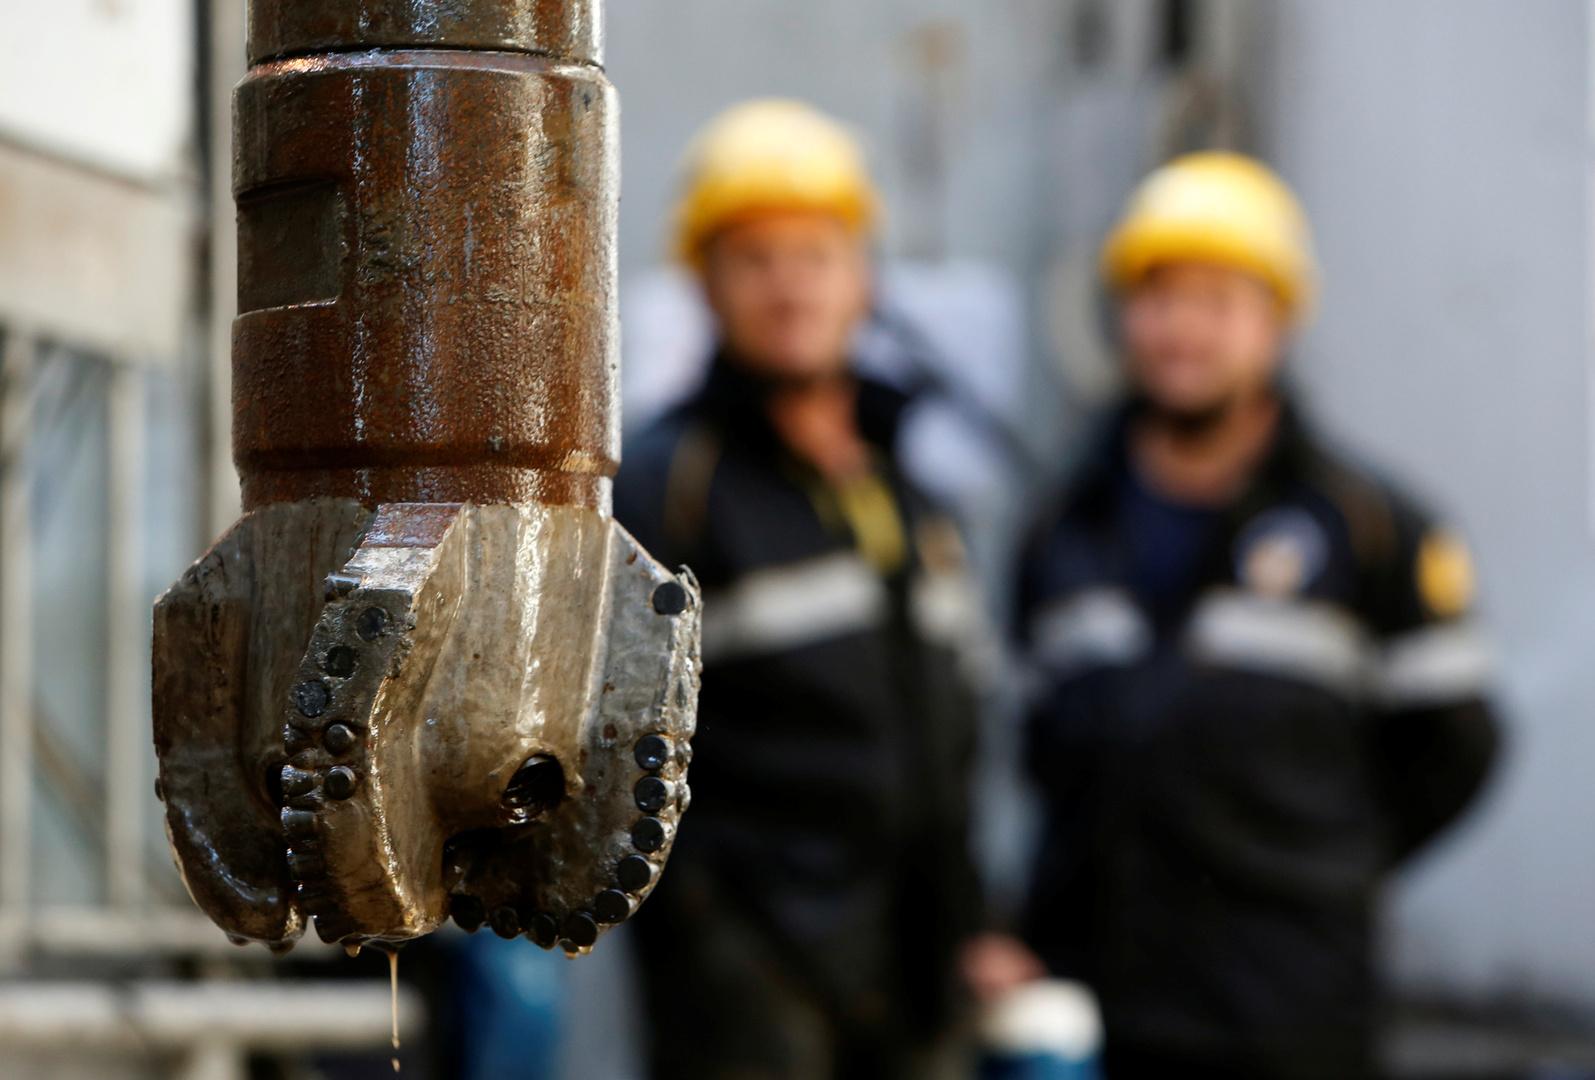 روسيا تخفض توقعاتها لإنتاج النفط في البلاد في 2021-2022